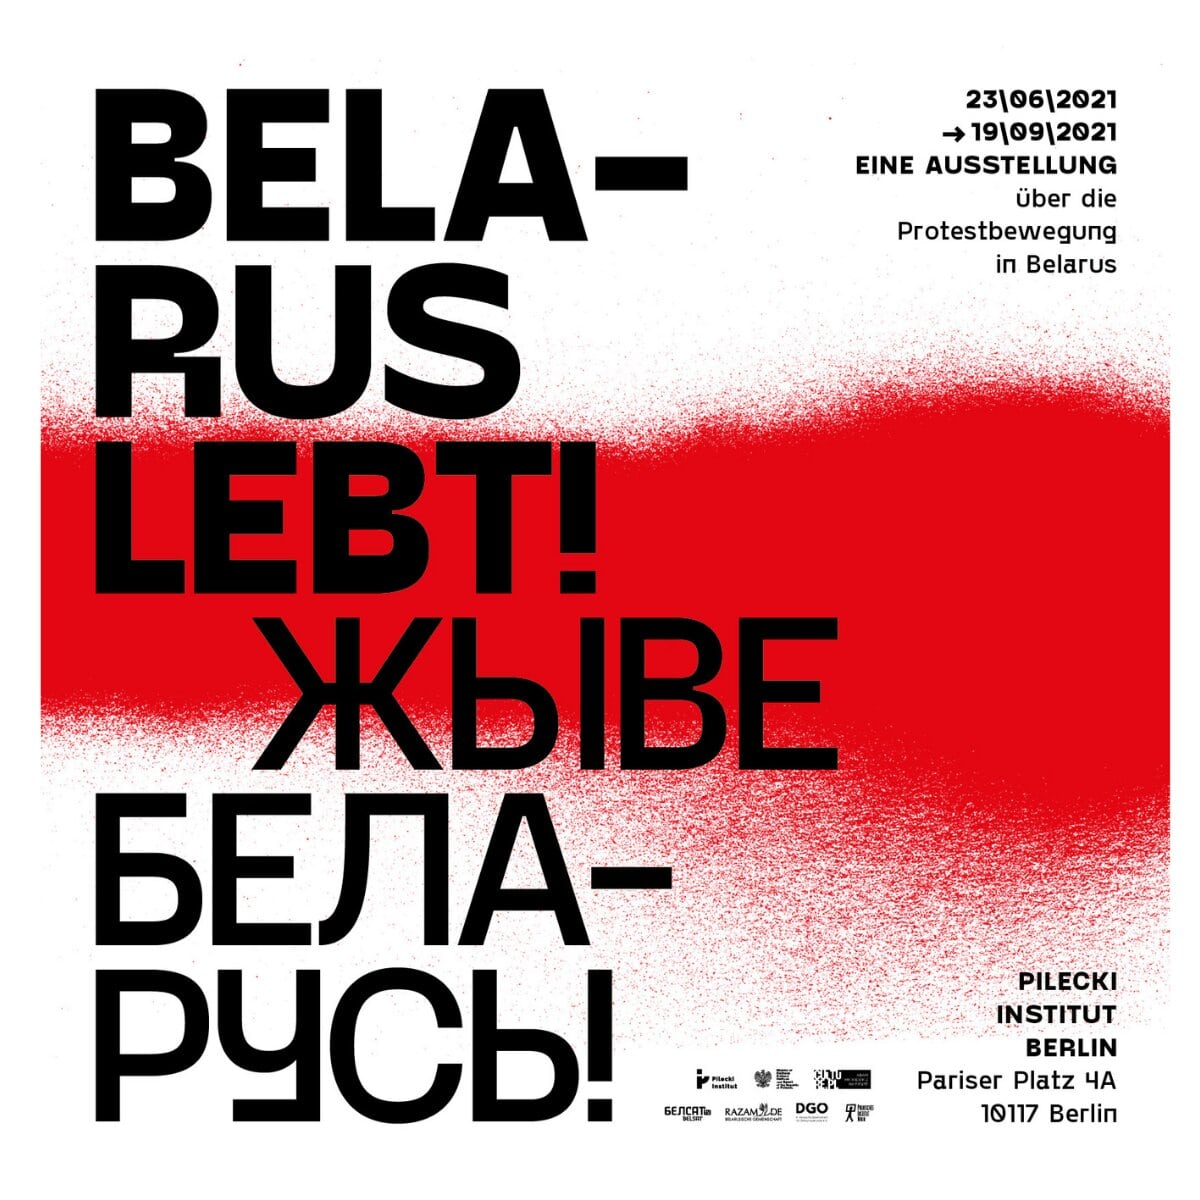 Belarus lebt! Eine Ausstellung über die Protestbewegung in Belarus